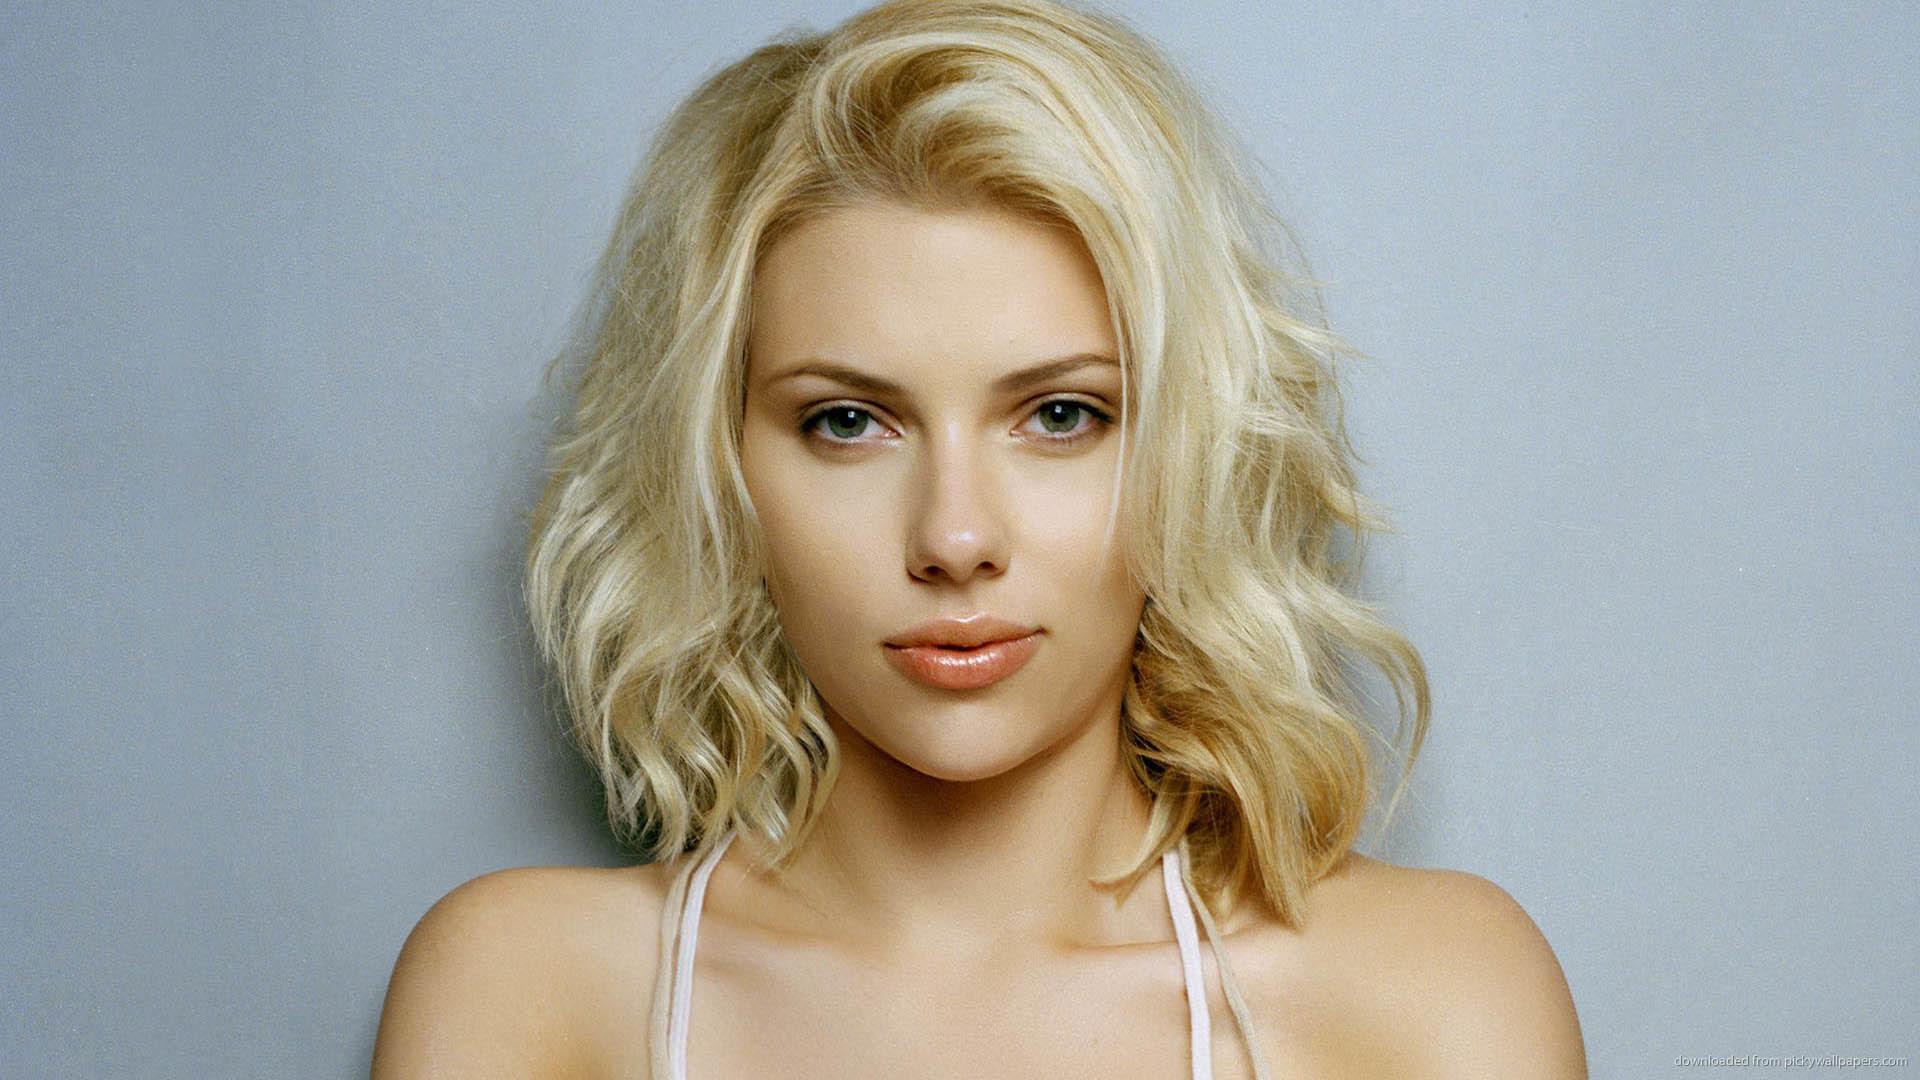 Scarlett Johansson Hd Image 11 Wallpaper Background 1 HD Wallpapers